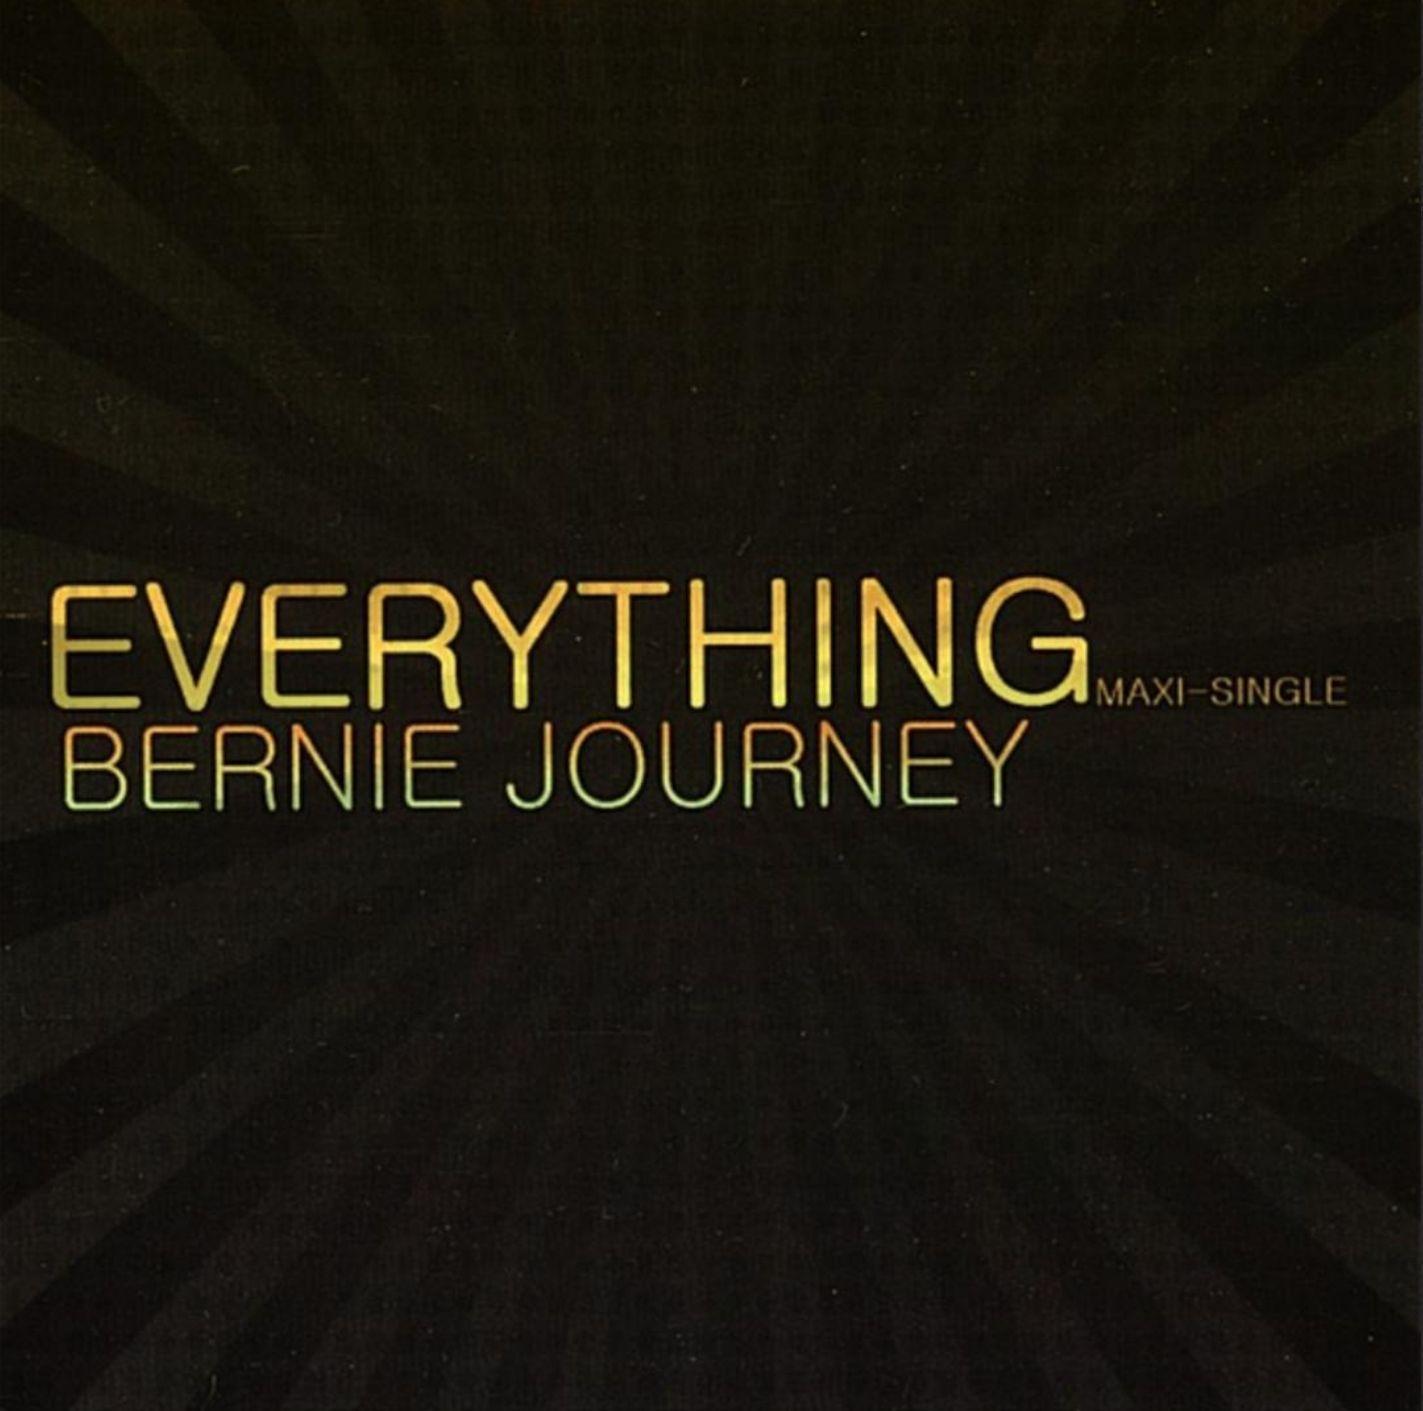 EVERYTHING  Image